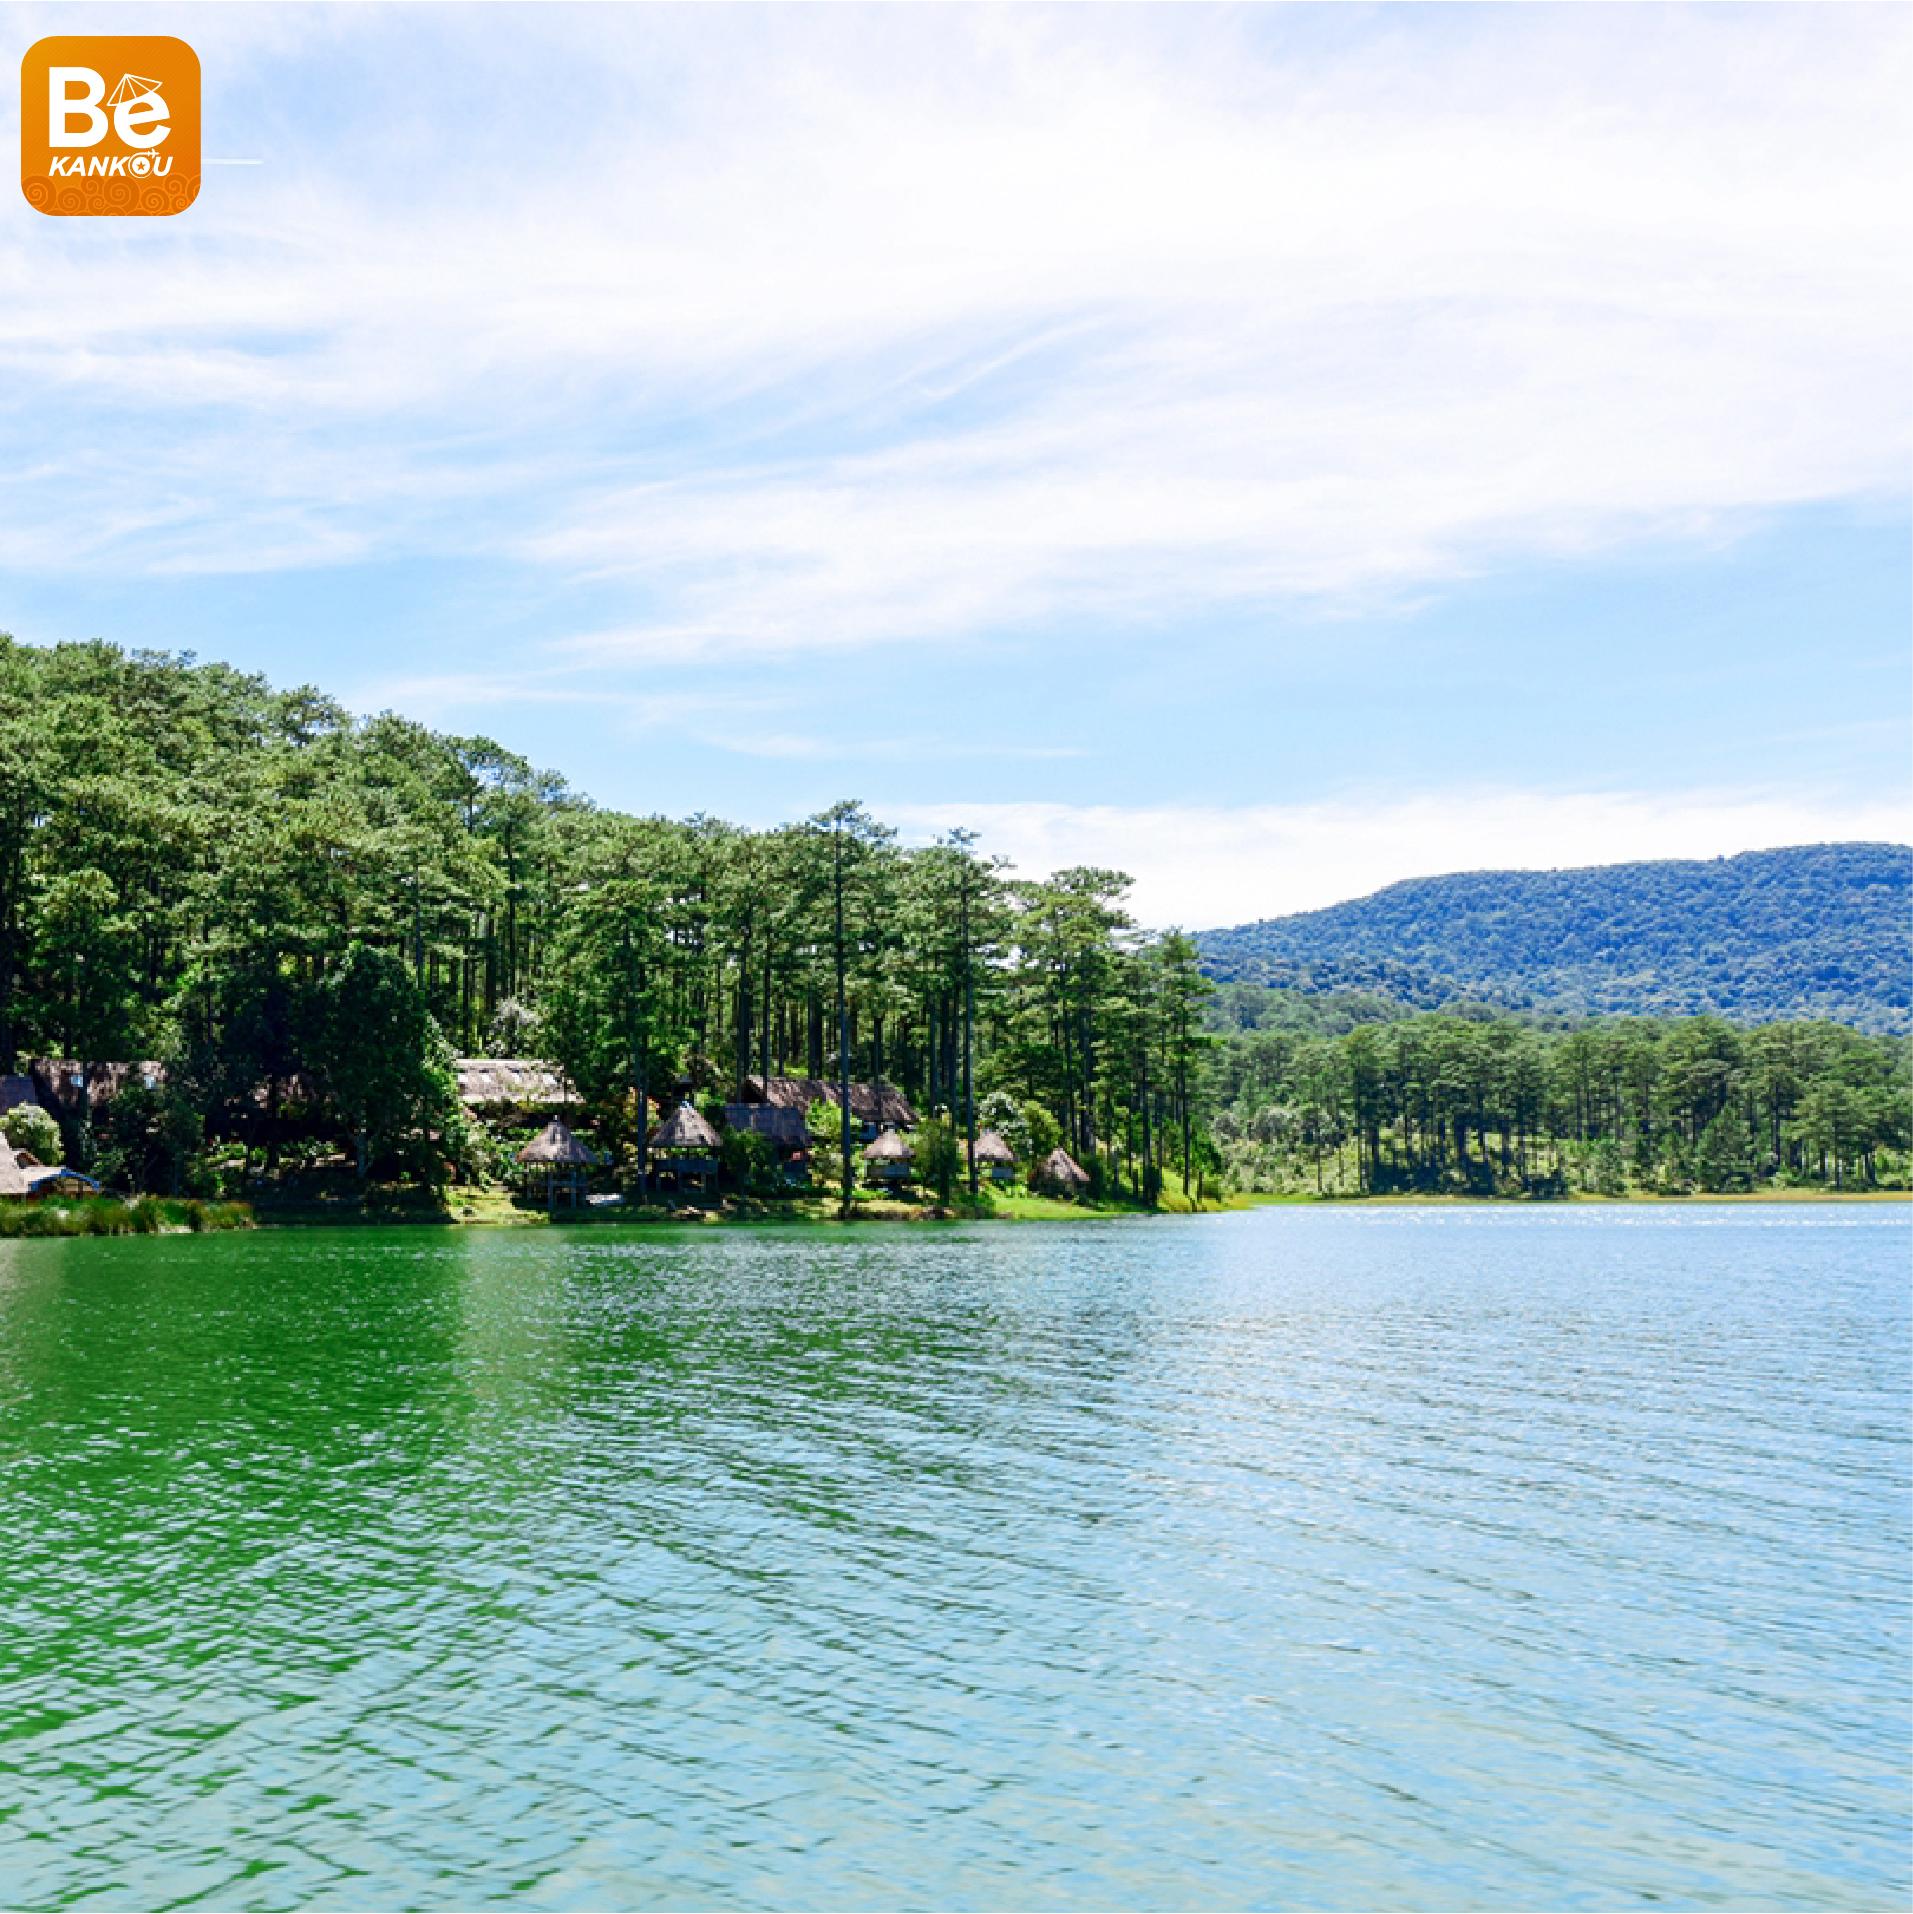 ダラット、チュエンラム湖(Tuyen Lam Lake)旅行の経験4